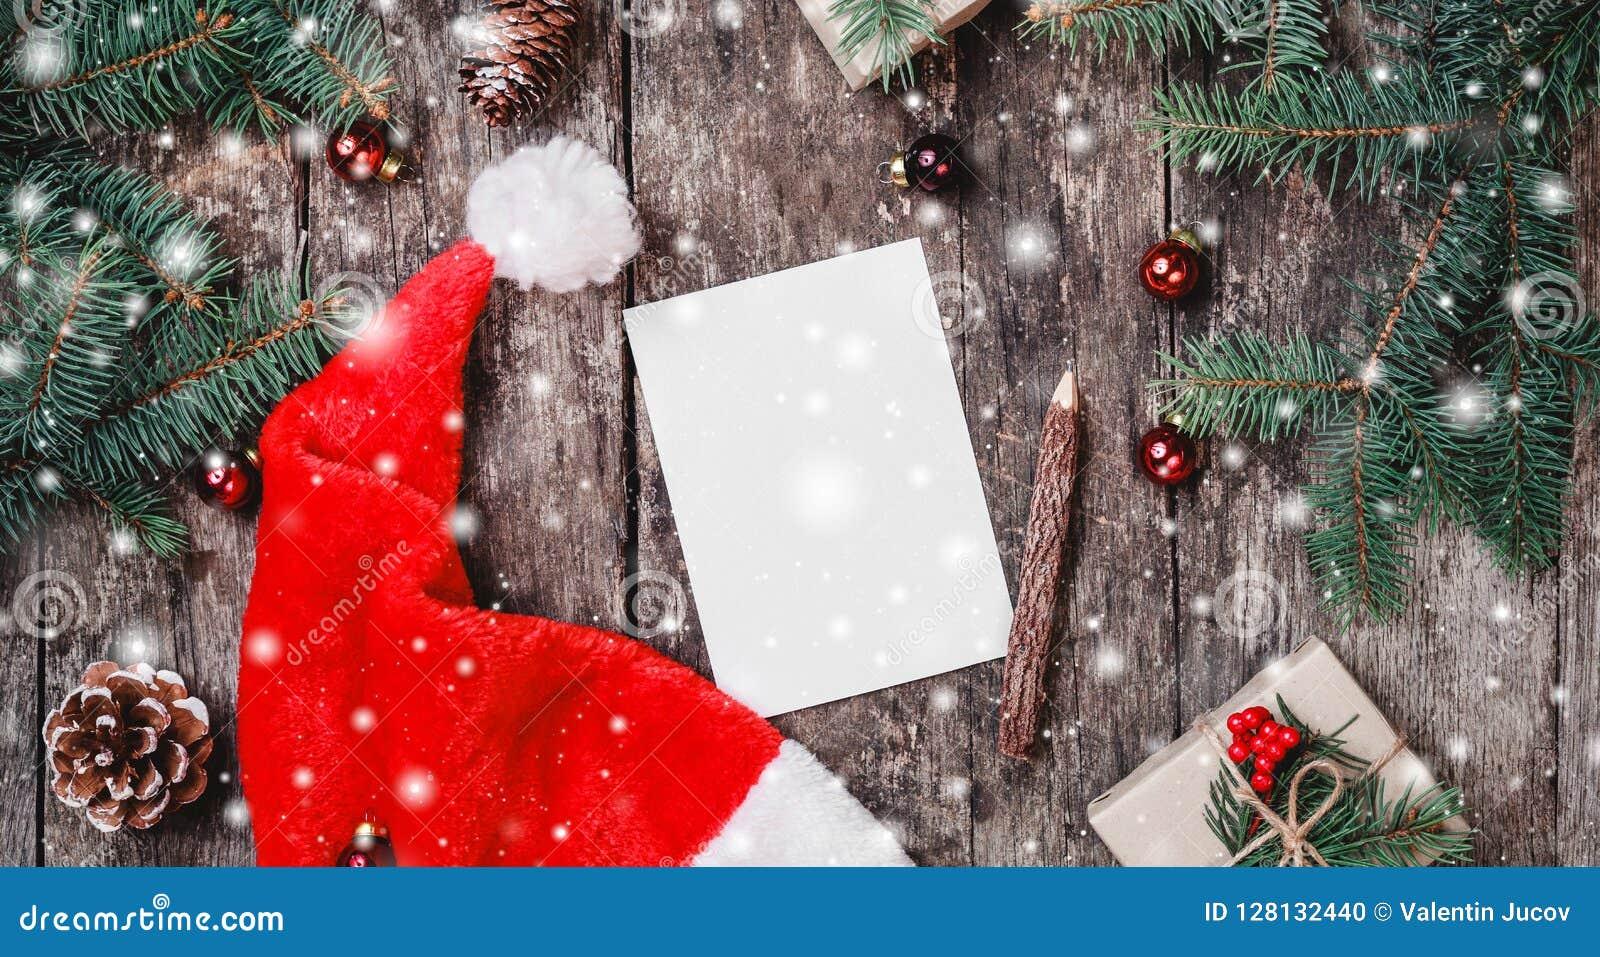 De Kerstmisbrief op houten achtergrond met rode Kerstmanhoed, Spar vertakt zich, denneappels, rode decoratie Kerstmis en gelukkig